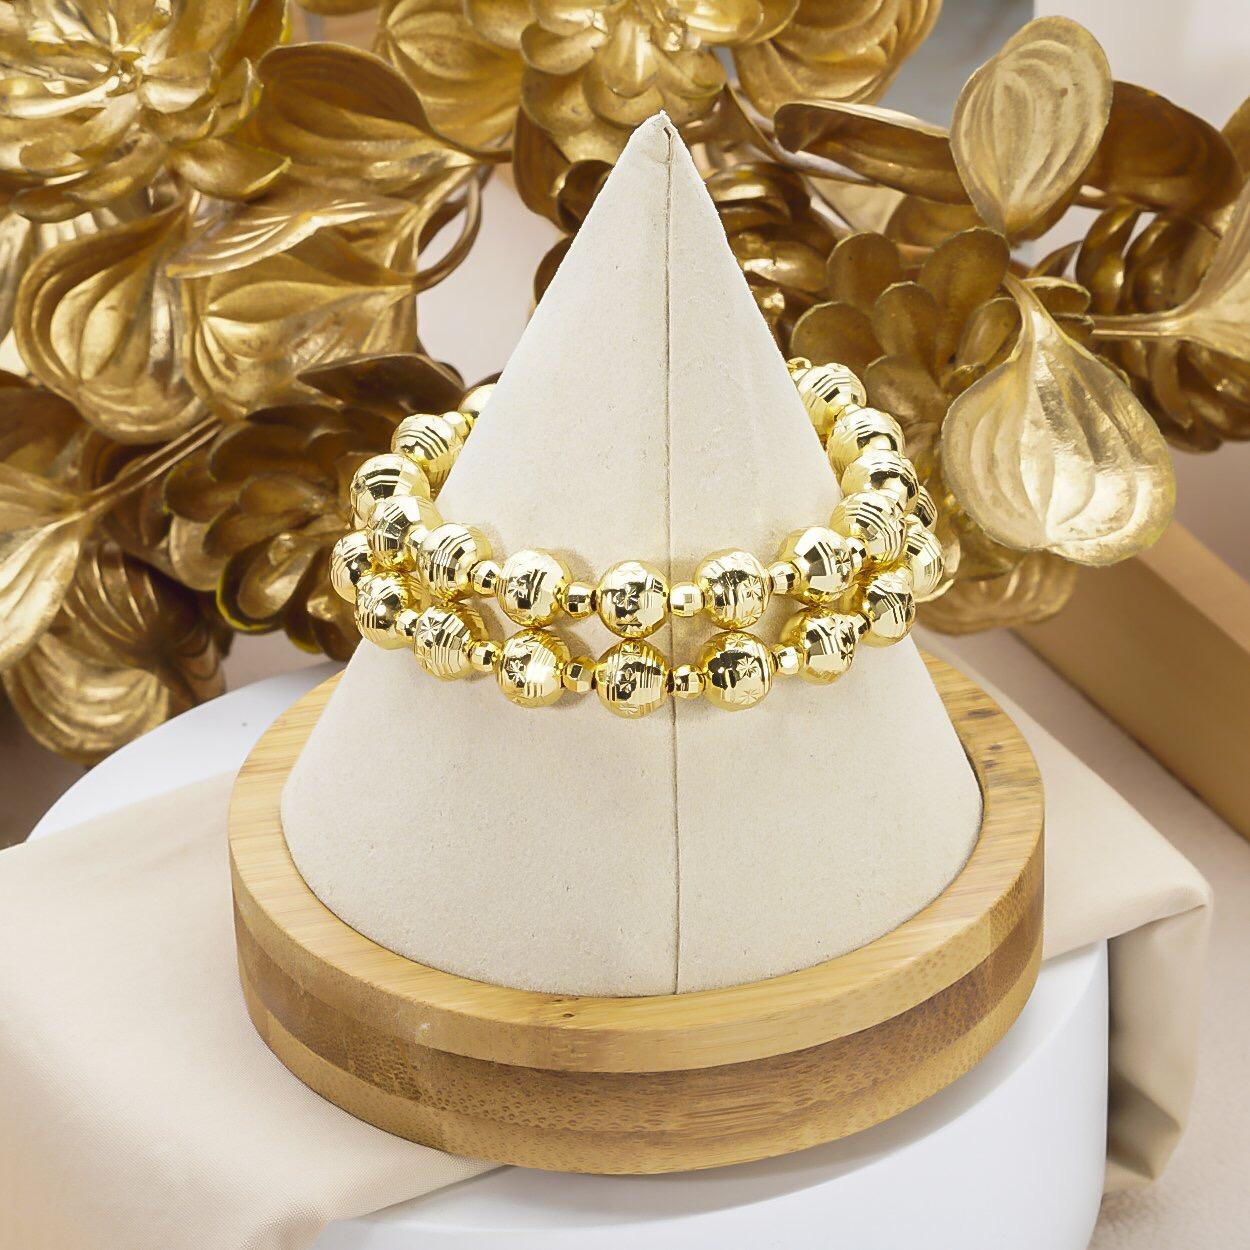 [HCM]Lắc tay nữ mạ vàng thật 18K JK Silver kiểu dáng khắc máy tinh xảo cao cấp giá rẻ U.vong248 - vòng tay siêu khuyến mãi